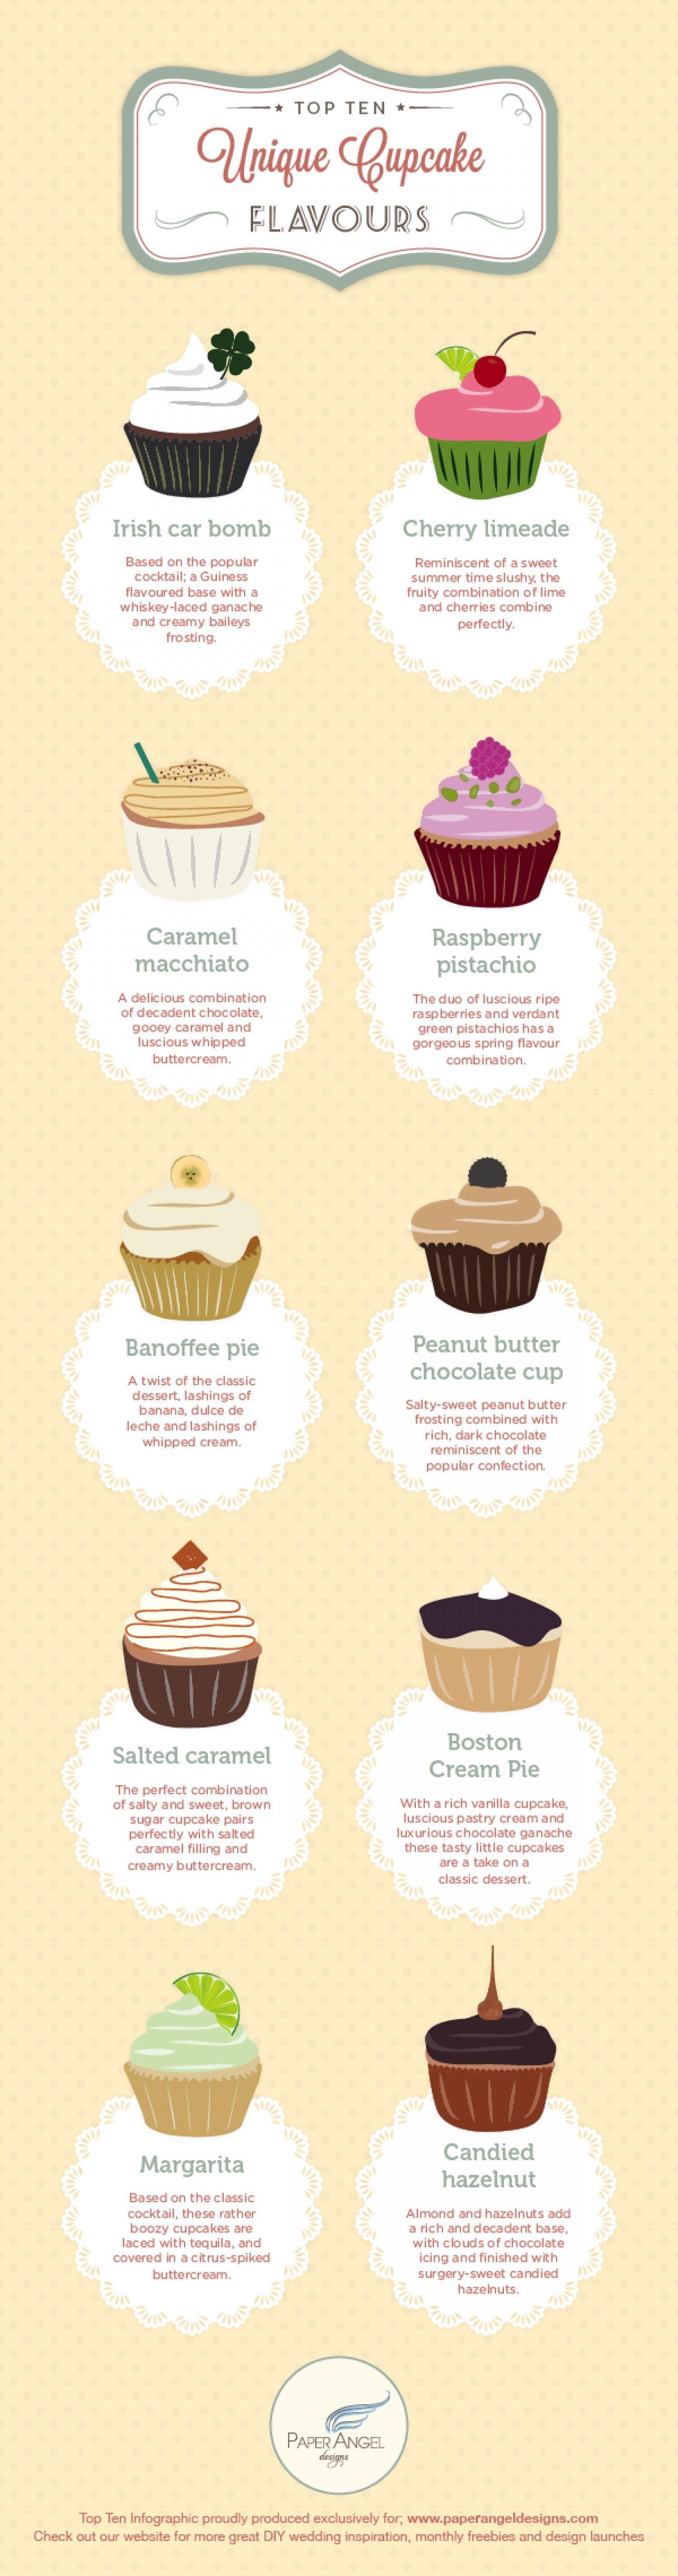 Top 10 Unique Cupcake Flavours